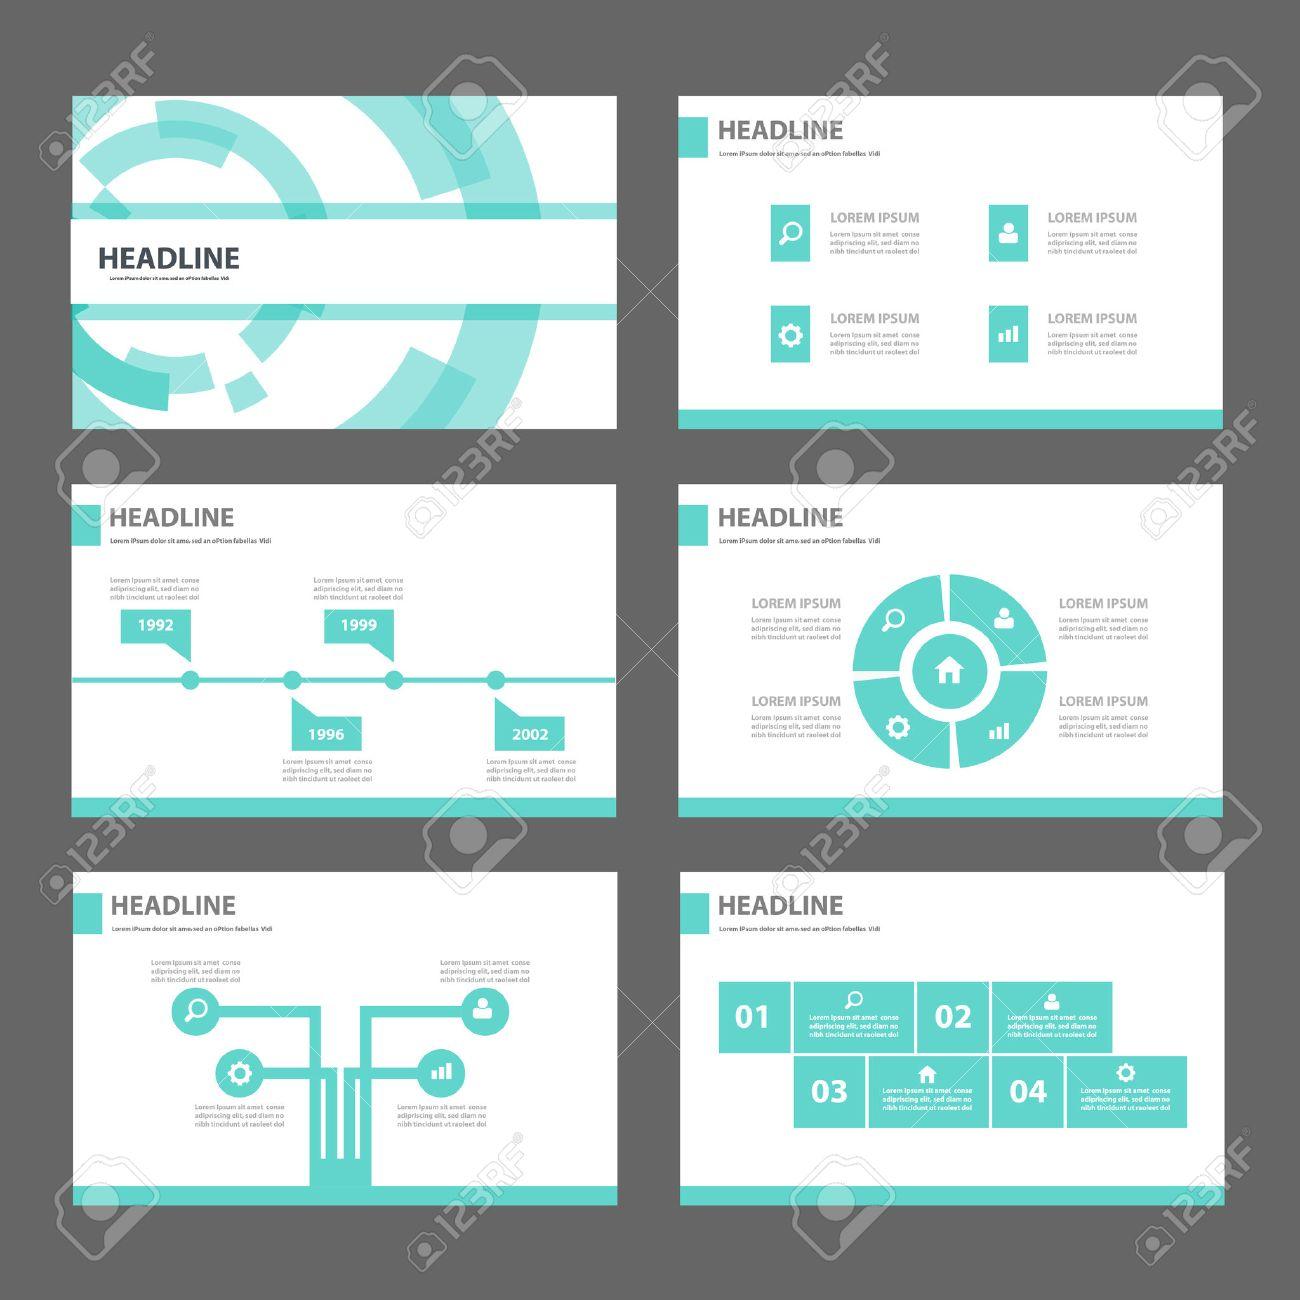 blue technology multipurpose infographic elements and icon blue technology multipurpose infographic elements and icon presentation template flat design set for advertising marketing brochure